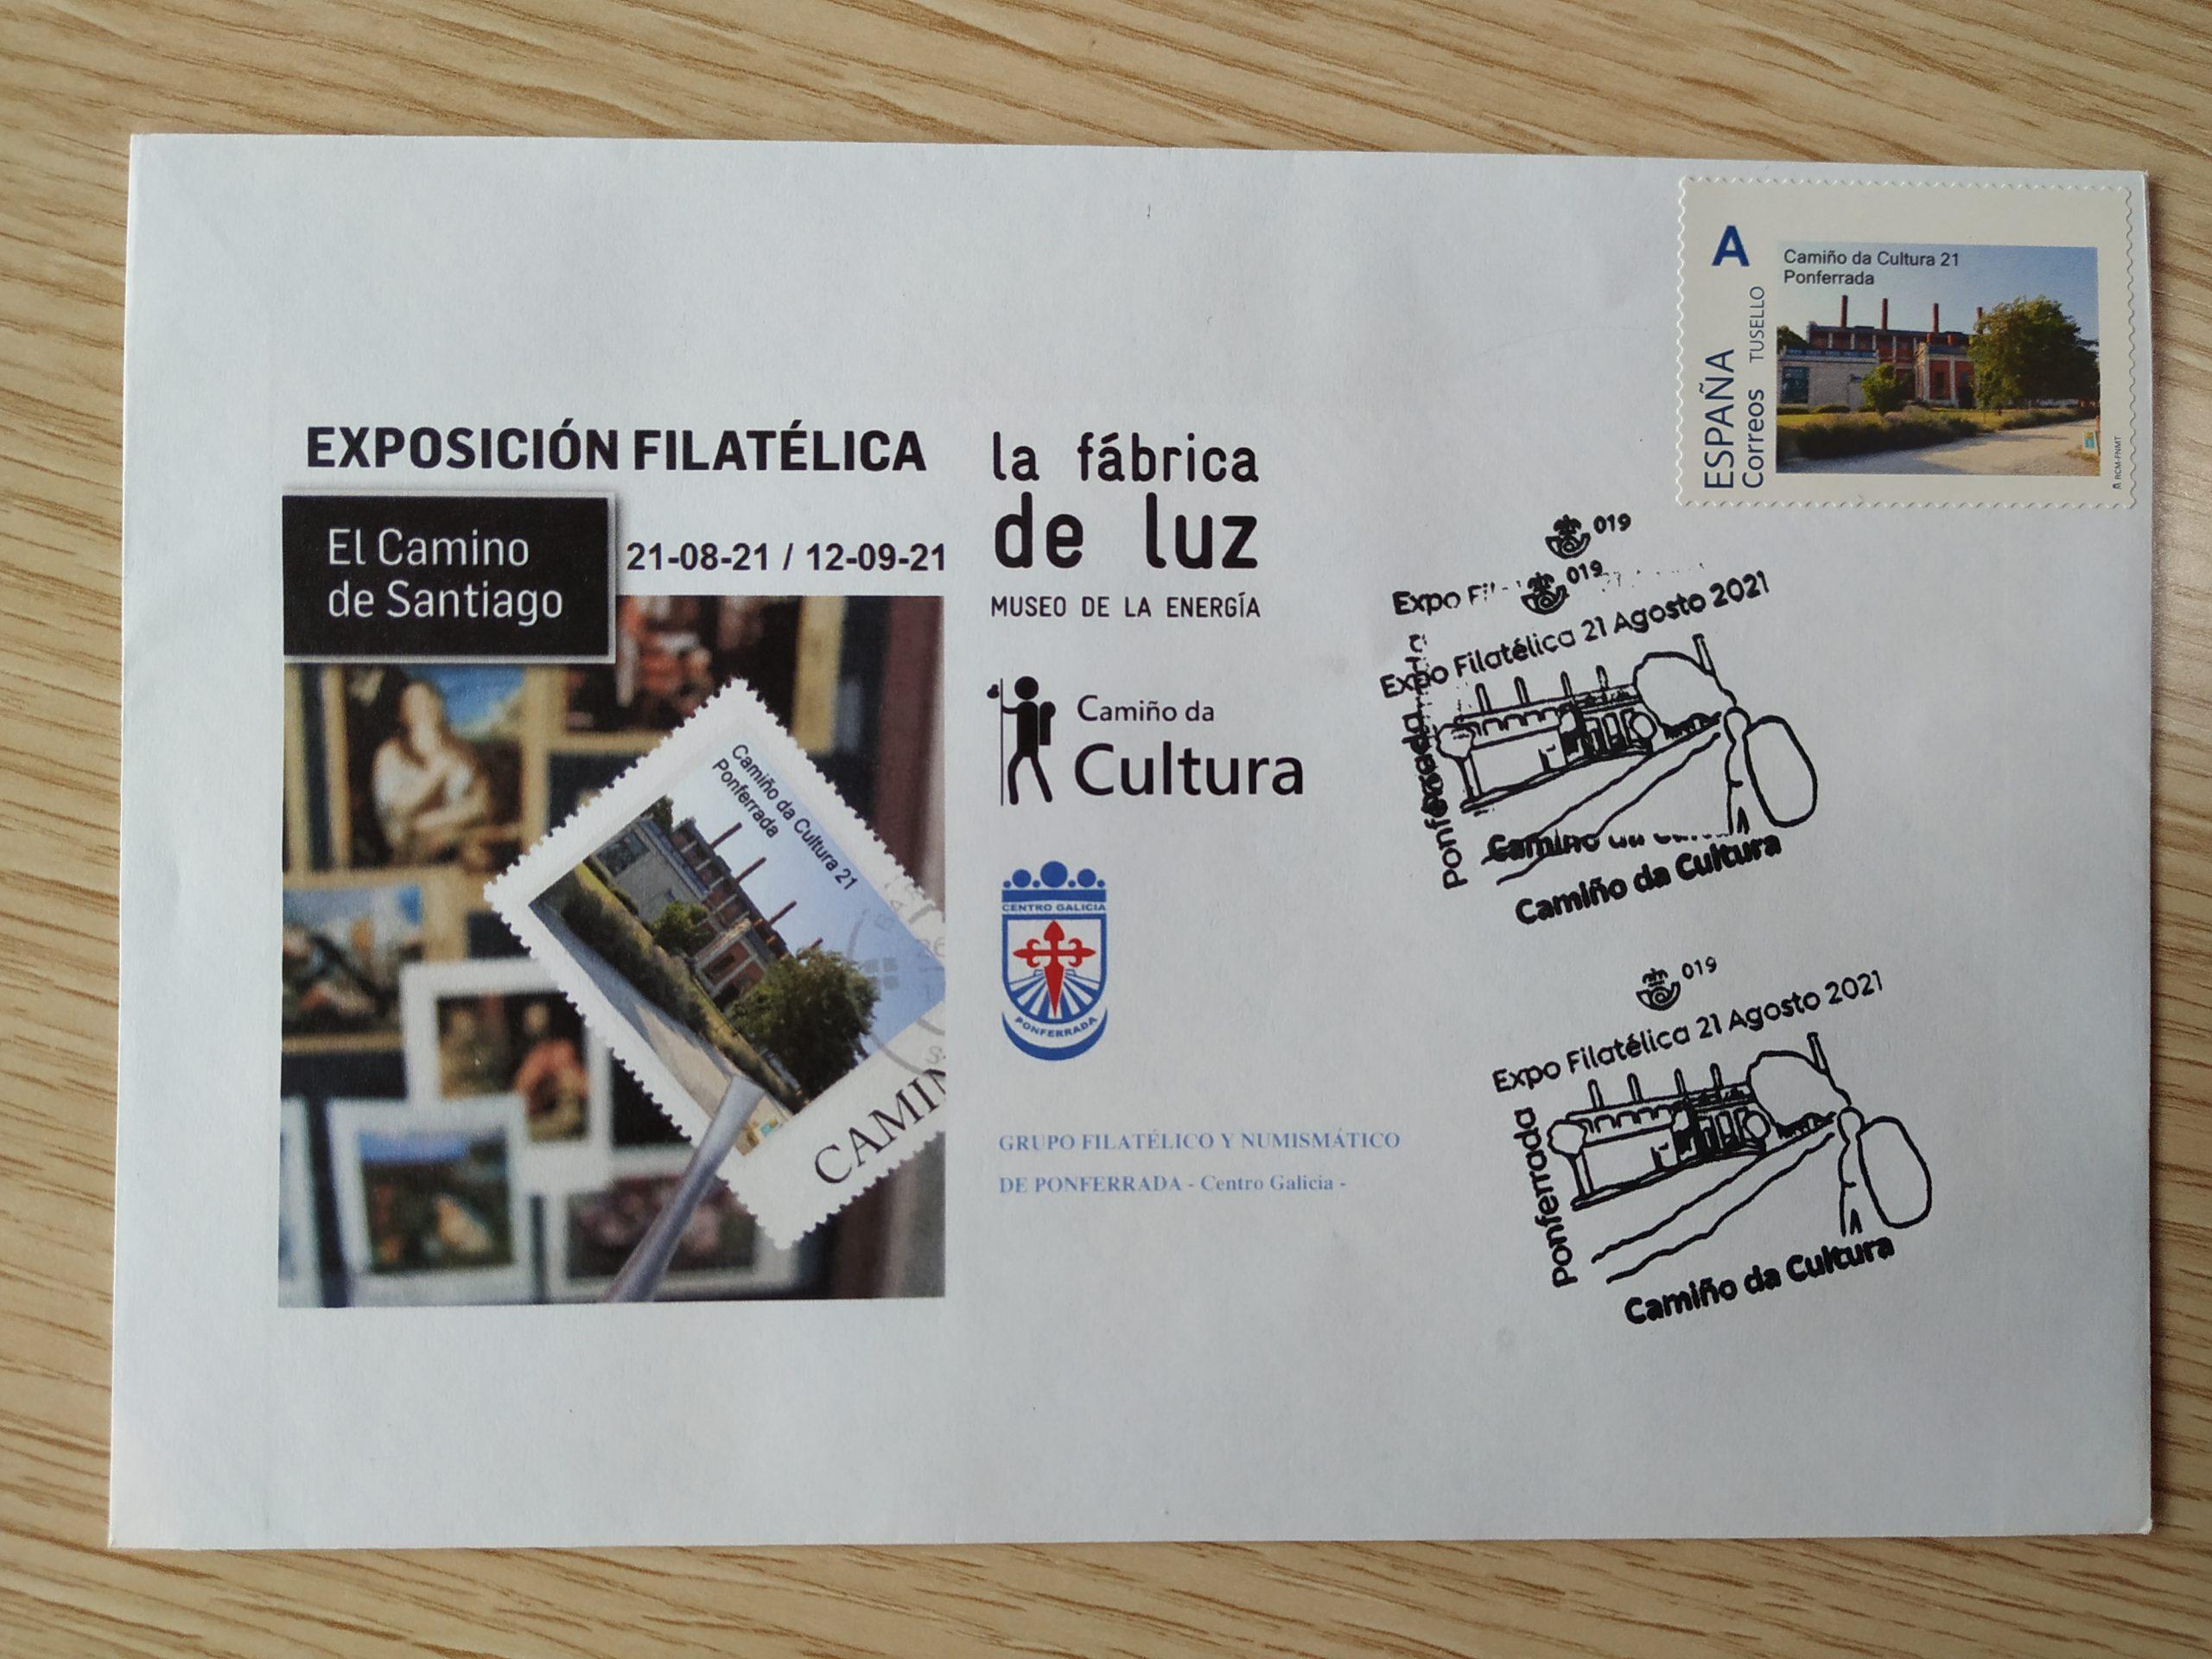 El Museo de la Energía inaugura una exposición filatélica con motivo del lanzamiento del sello, matasellos y sobre conmemorativo 1